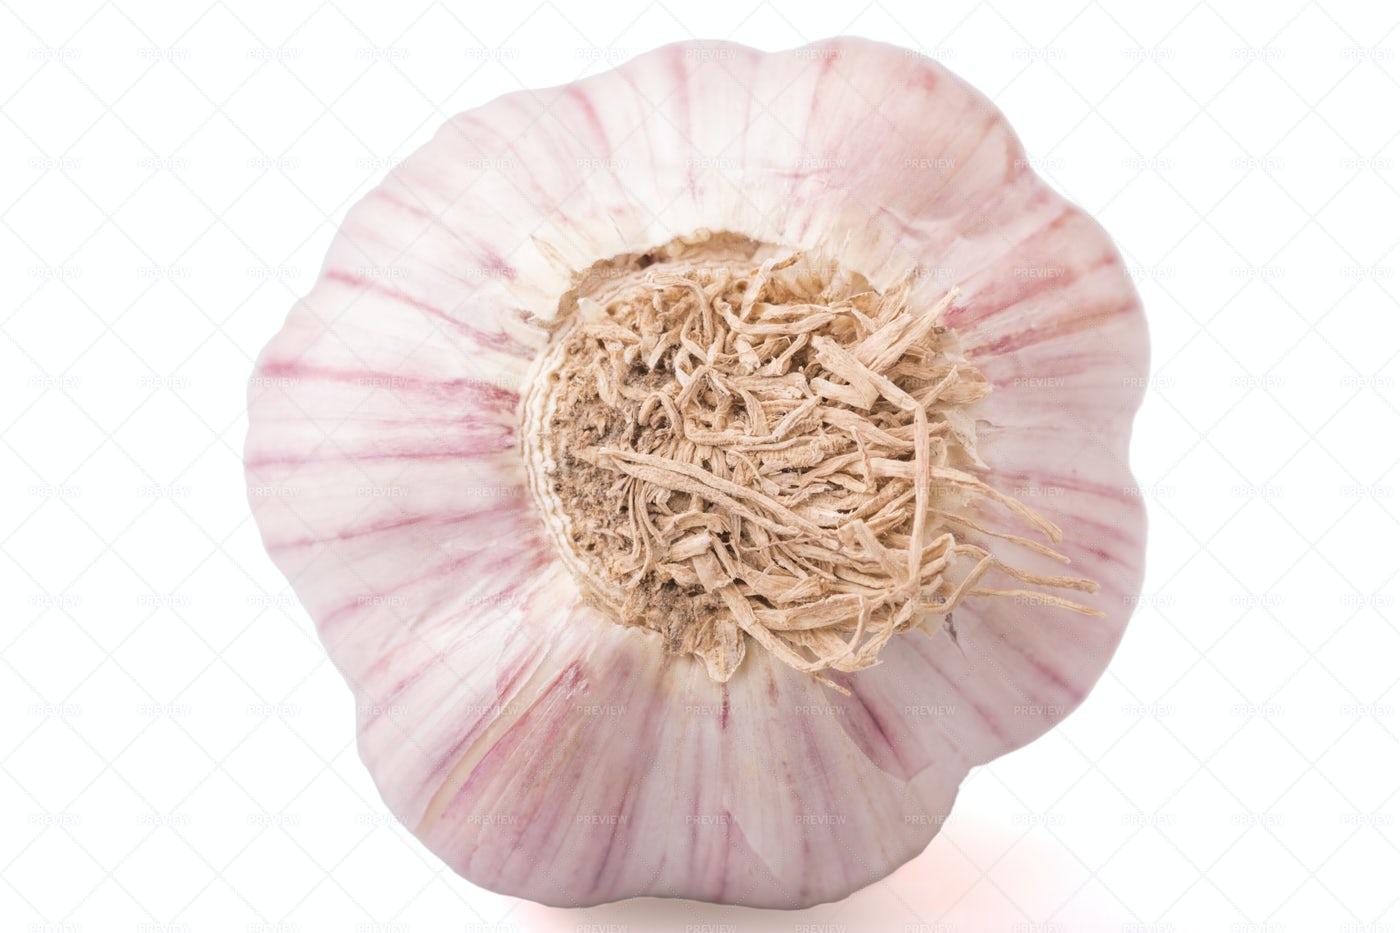 A Garlic Clove: Stock Photos